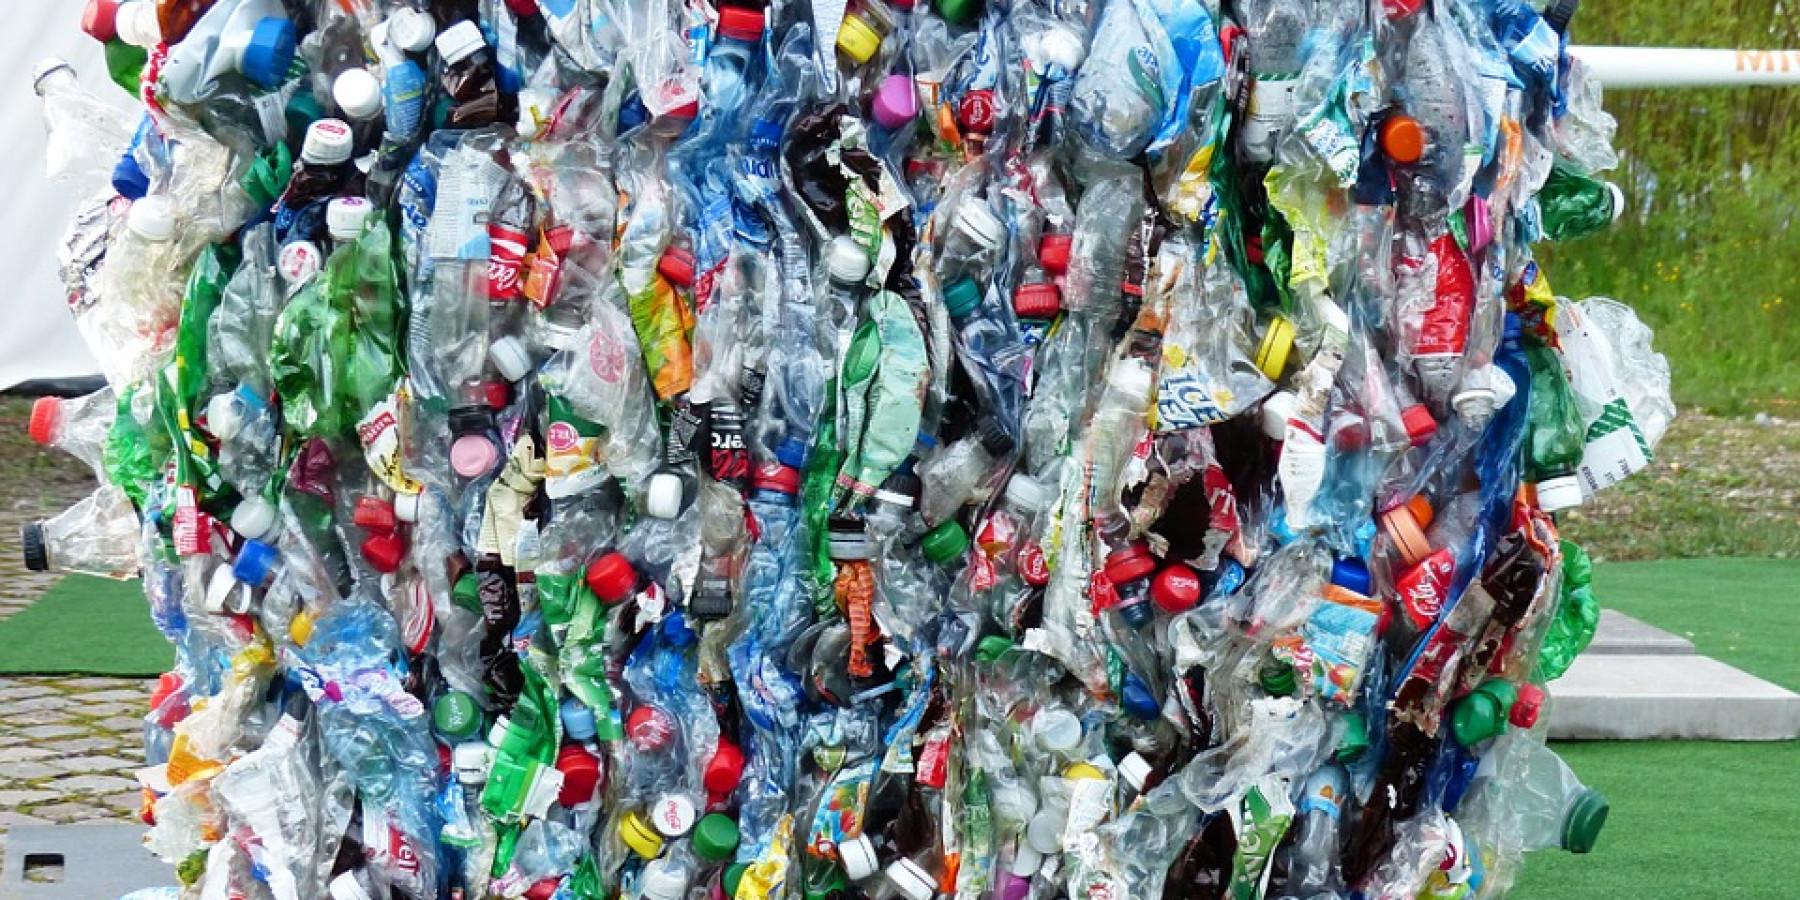 Lidl reduziert kontinuierlich den Plastikeinsatz